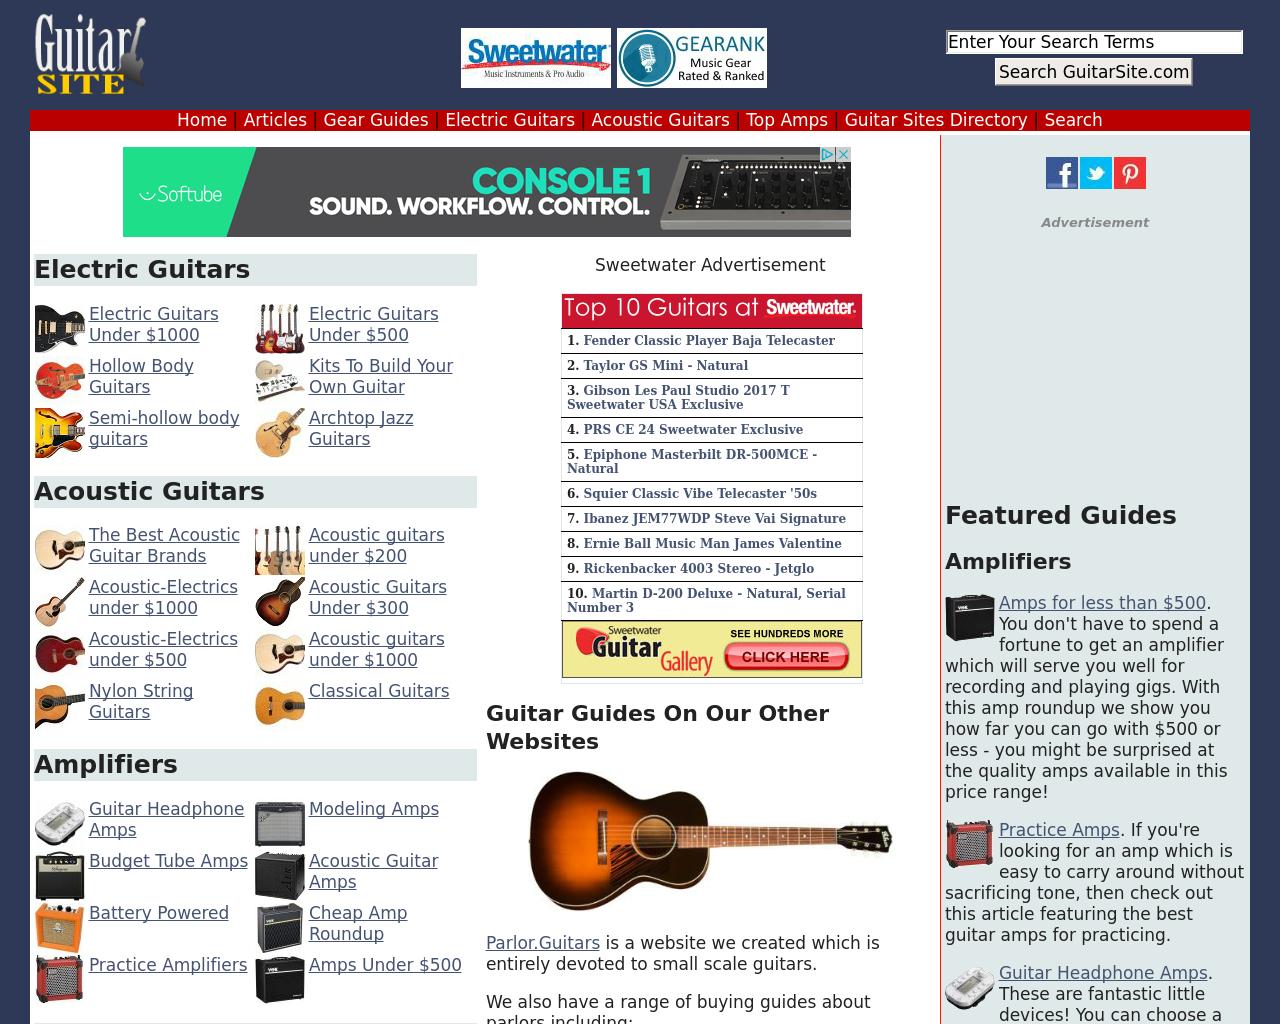 GuitarSite.com-Advertising-Reviews-Pricing